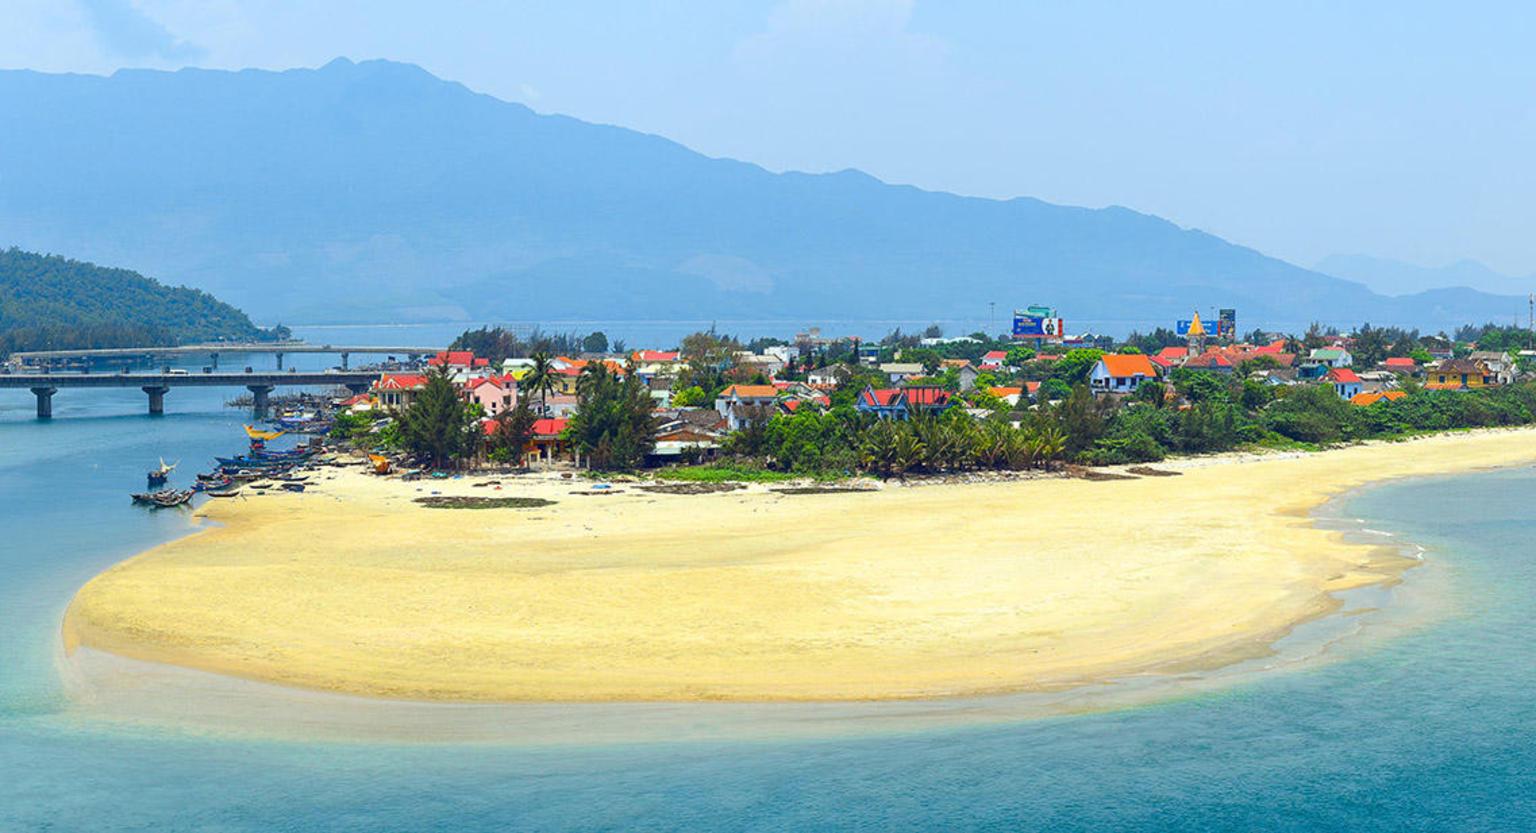 MAIS FOTOS, Traslado só de ida incluindo Passeio turístico entre Hoi An e Hue